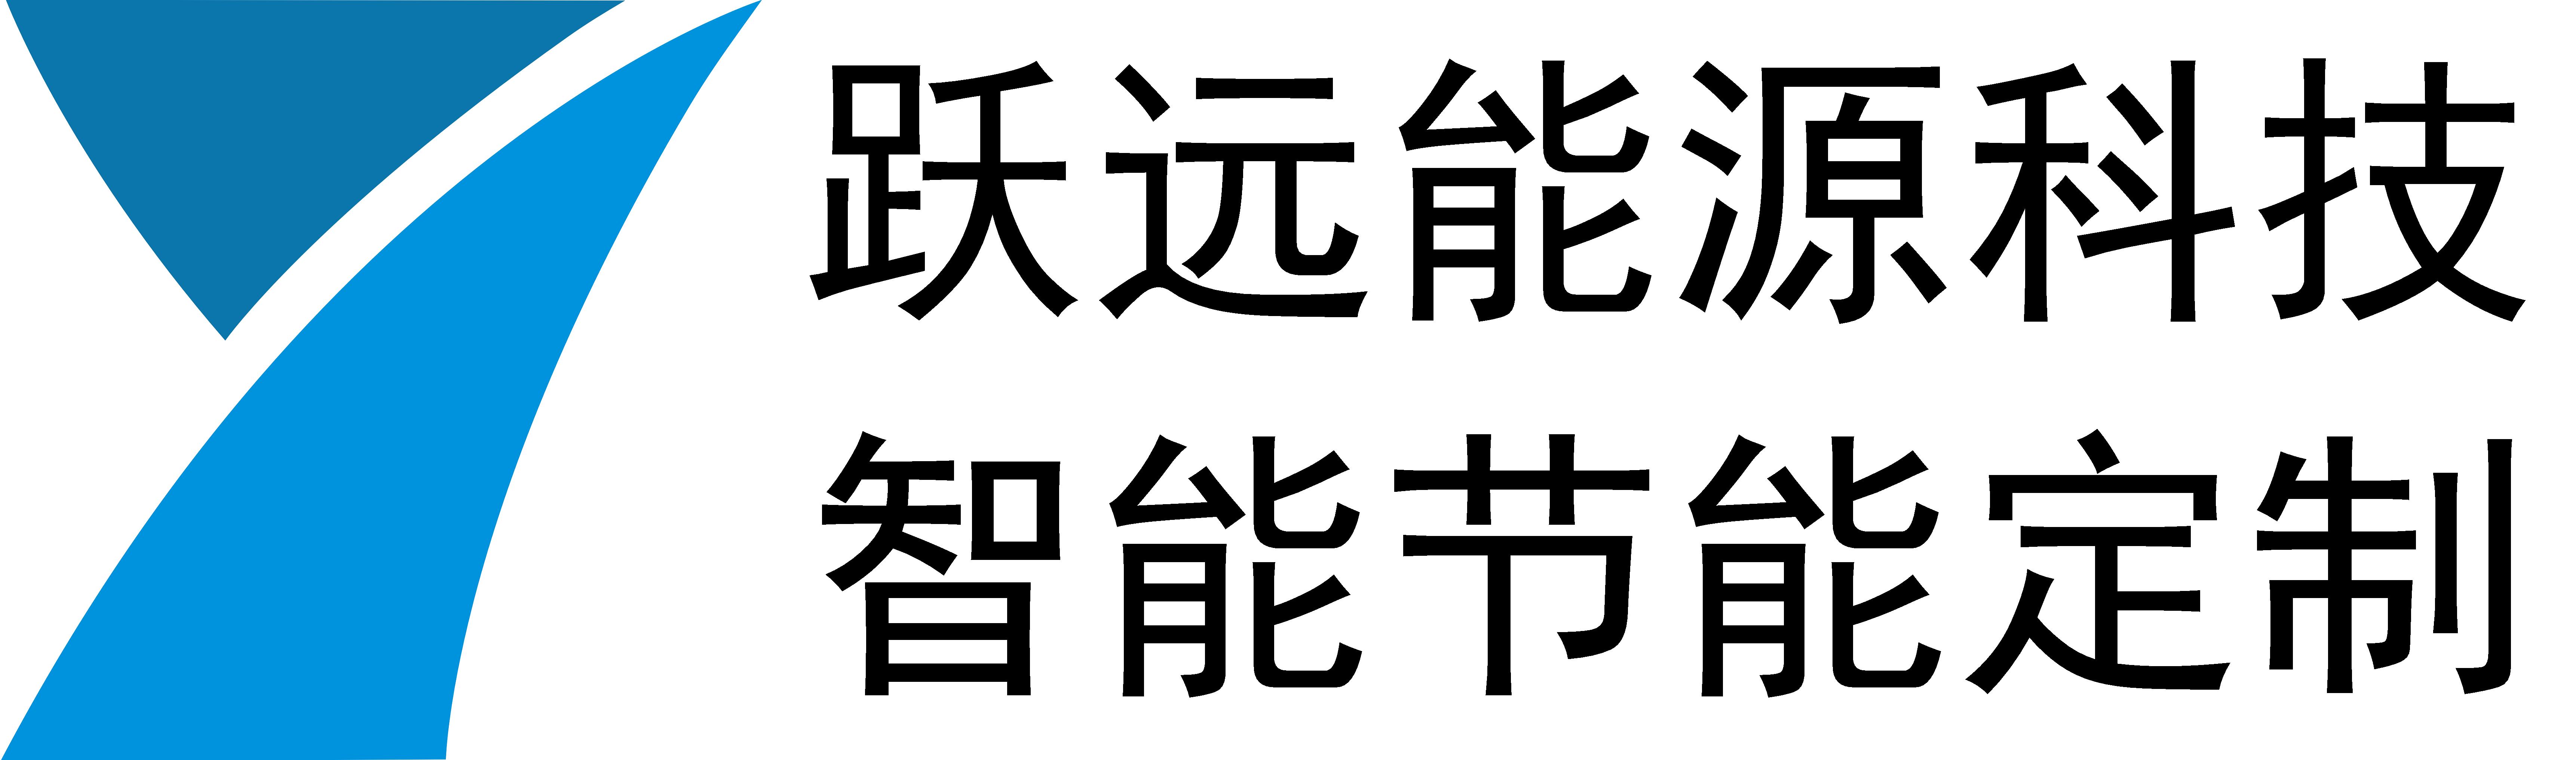 陝西躍遠能源科技玖玖資源站